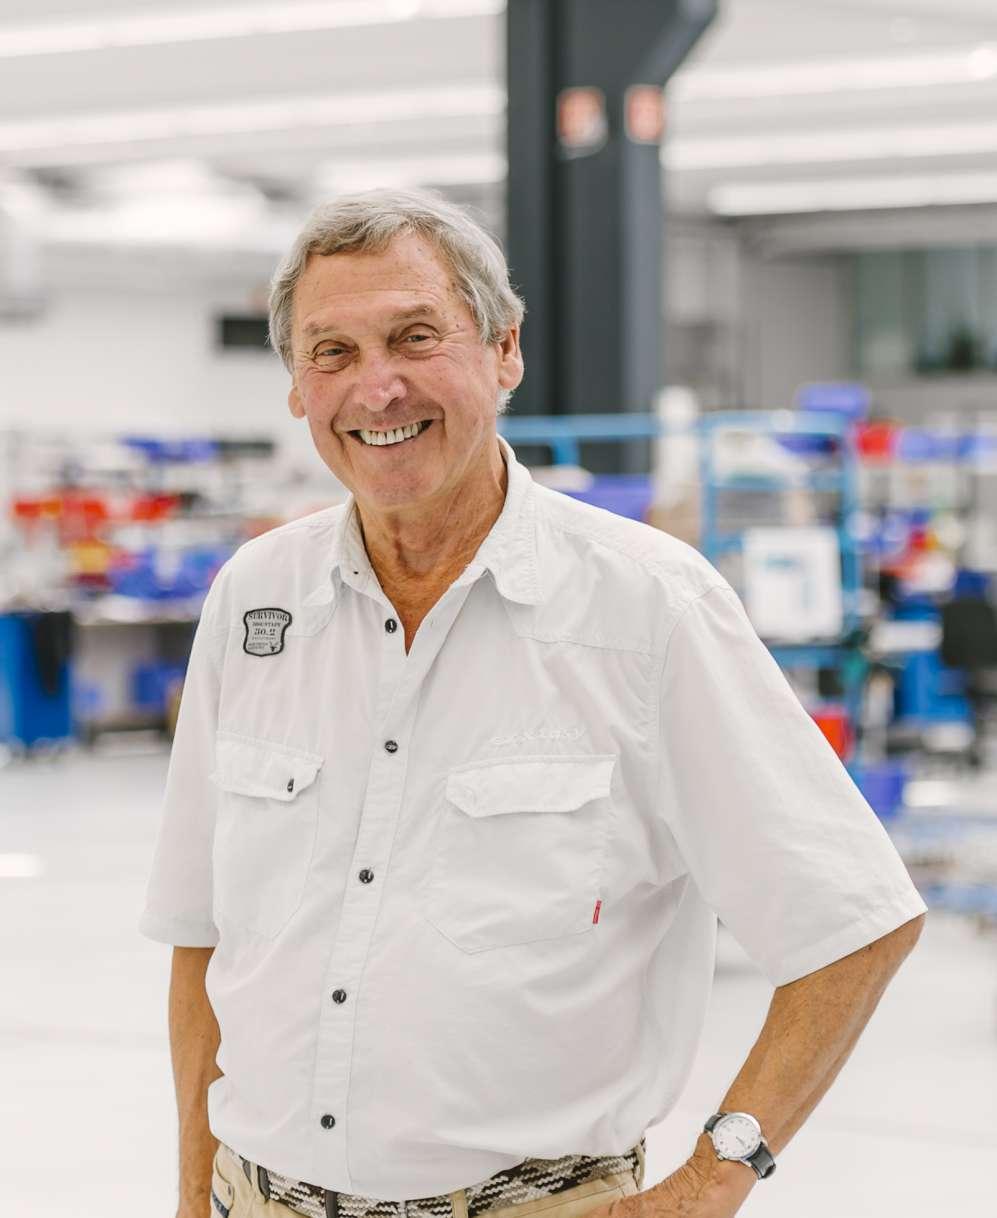 Hr. Kröffges vom Planungsbüro Solarvision